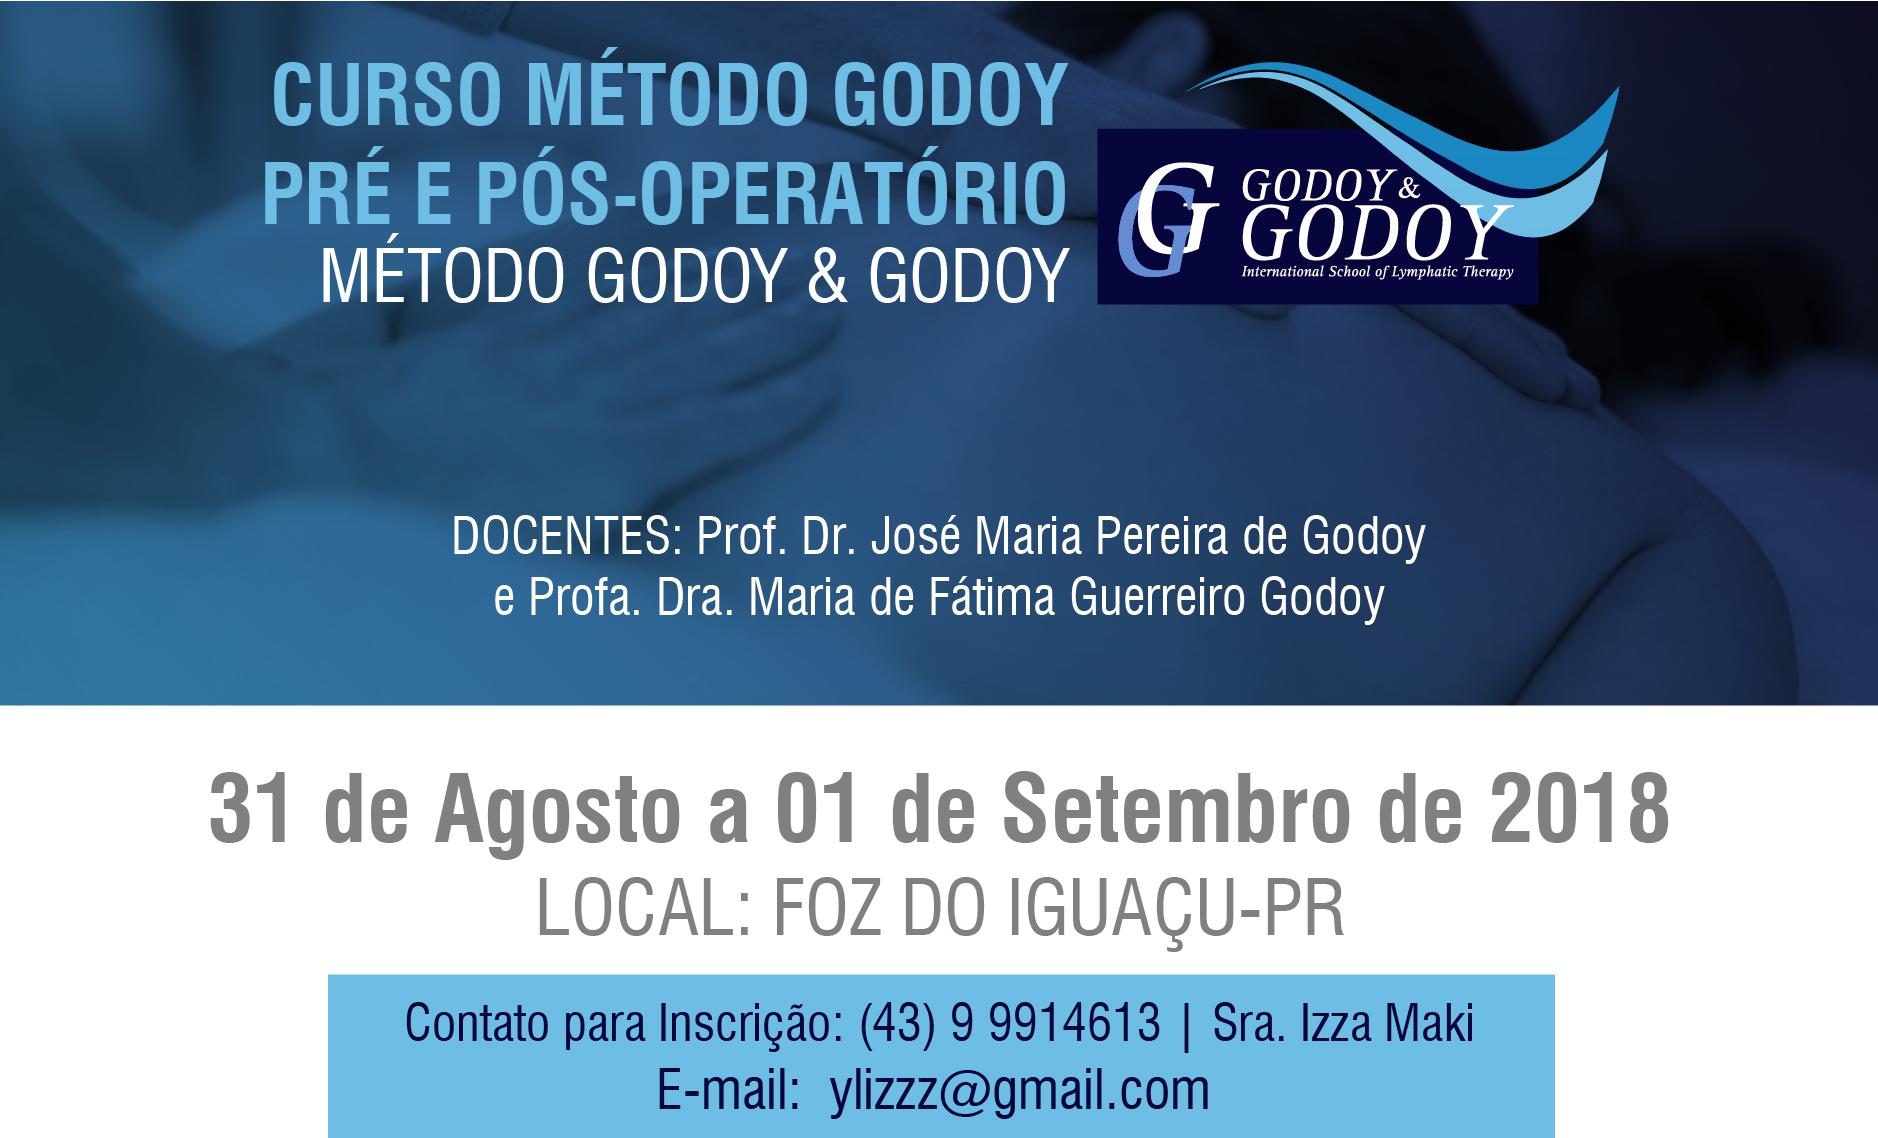 Método Godoy  Pré e Pós-Operatório